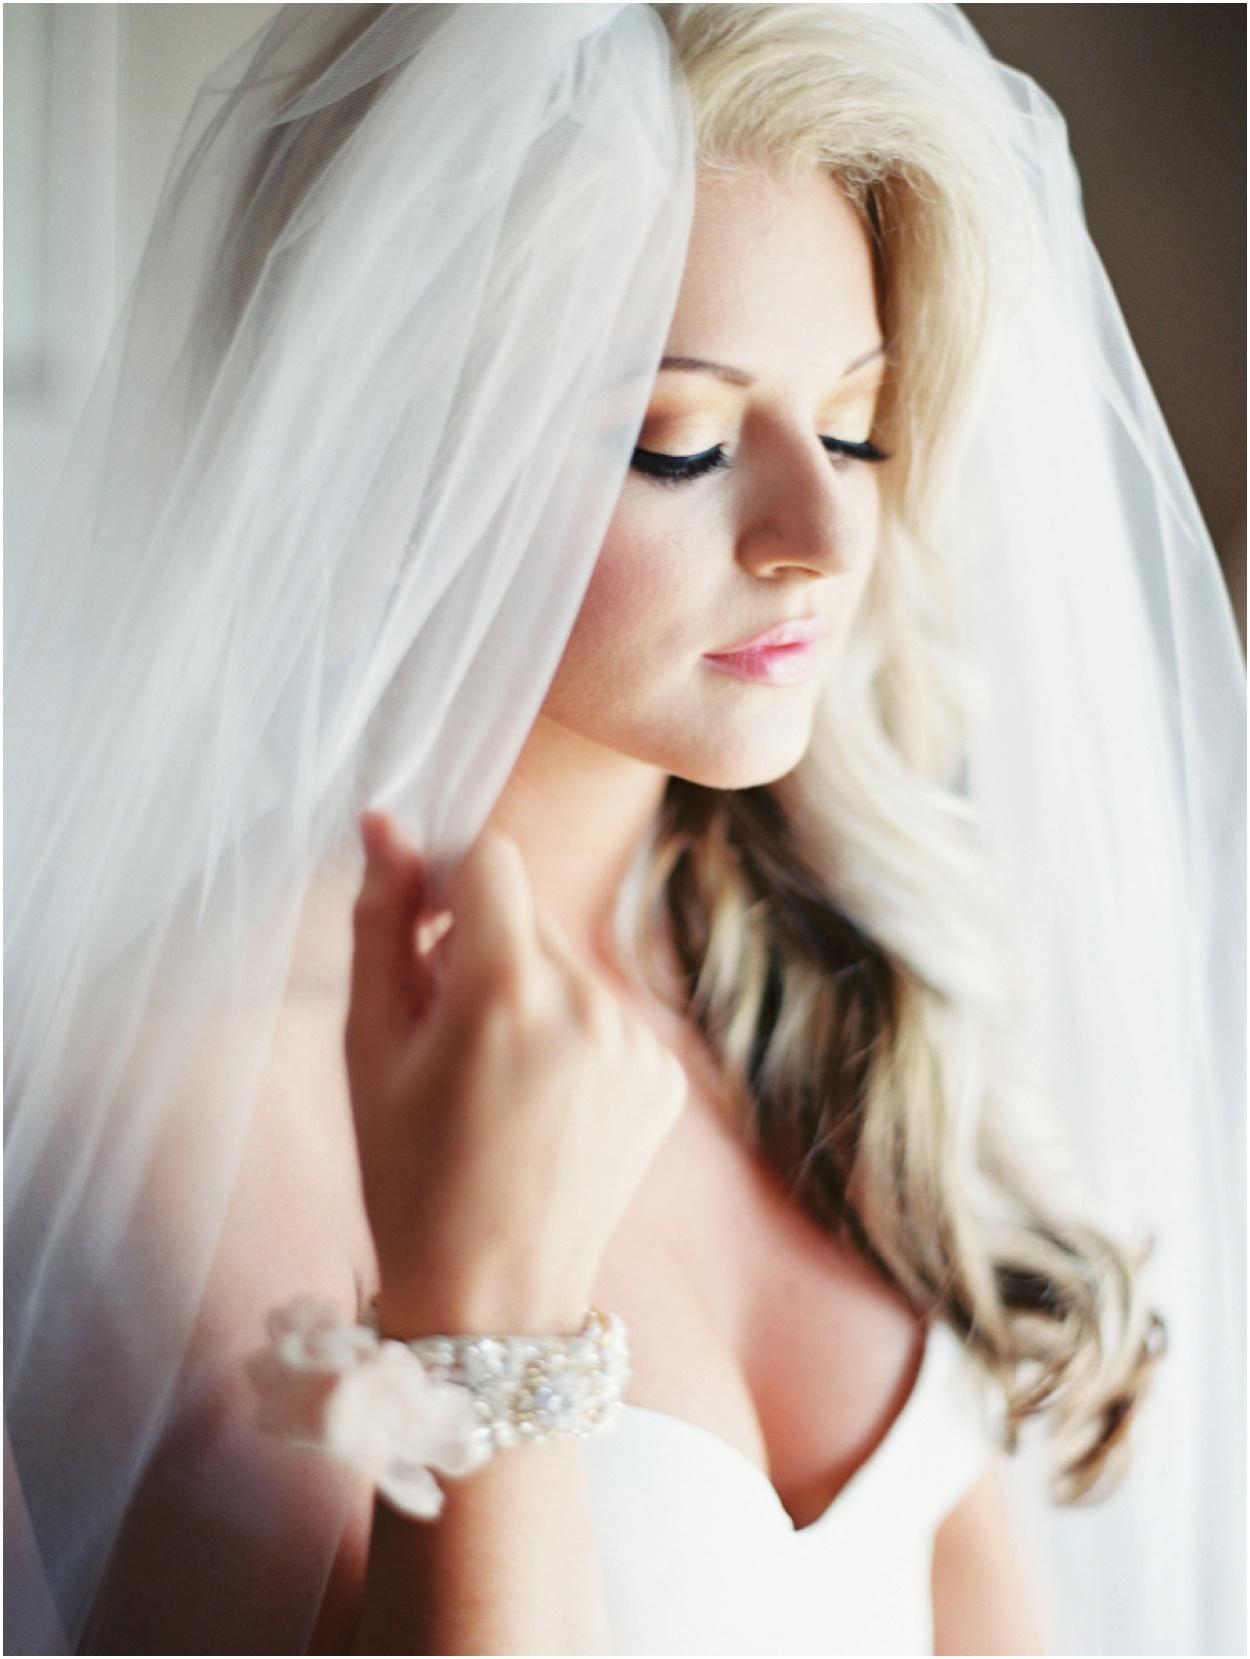 Colombus_Ohio_Film_Wedding_Photographer0002.jpg